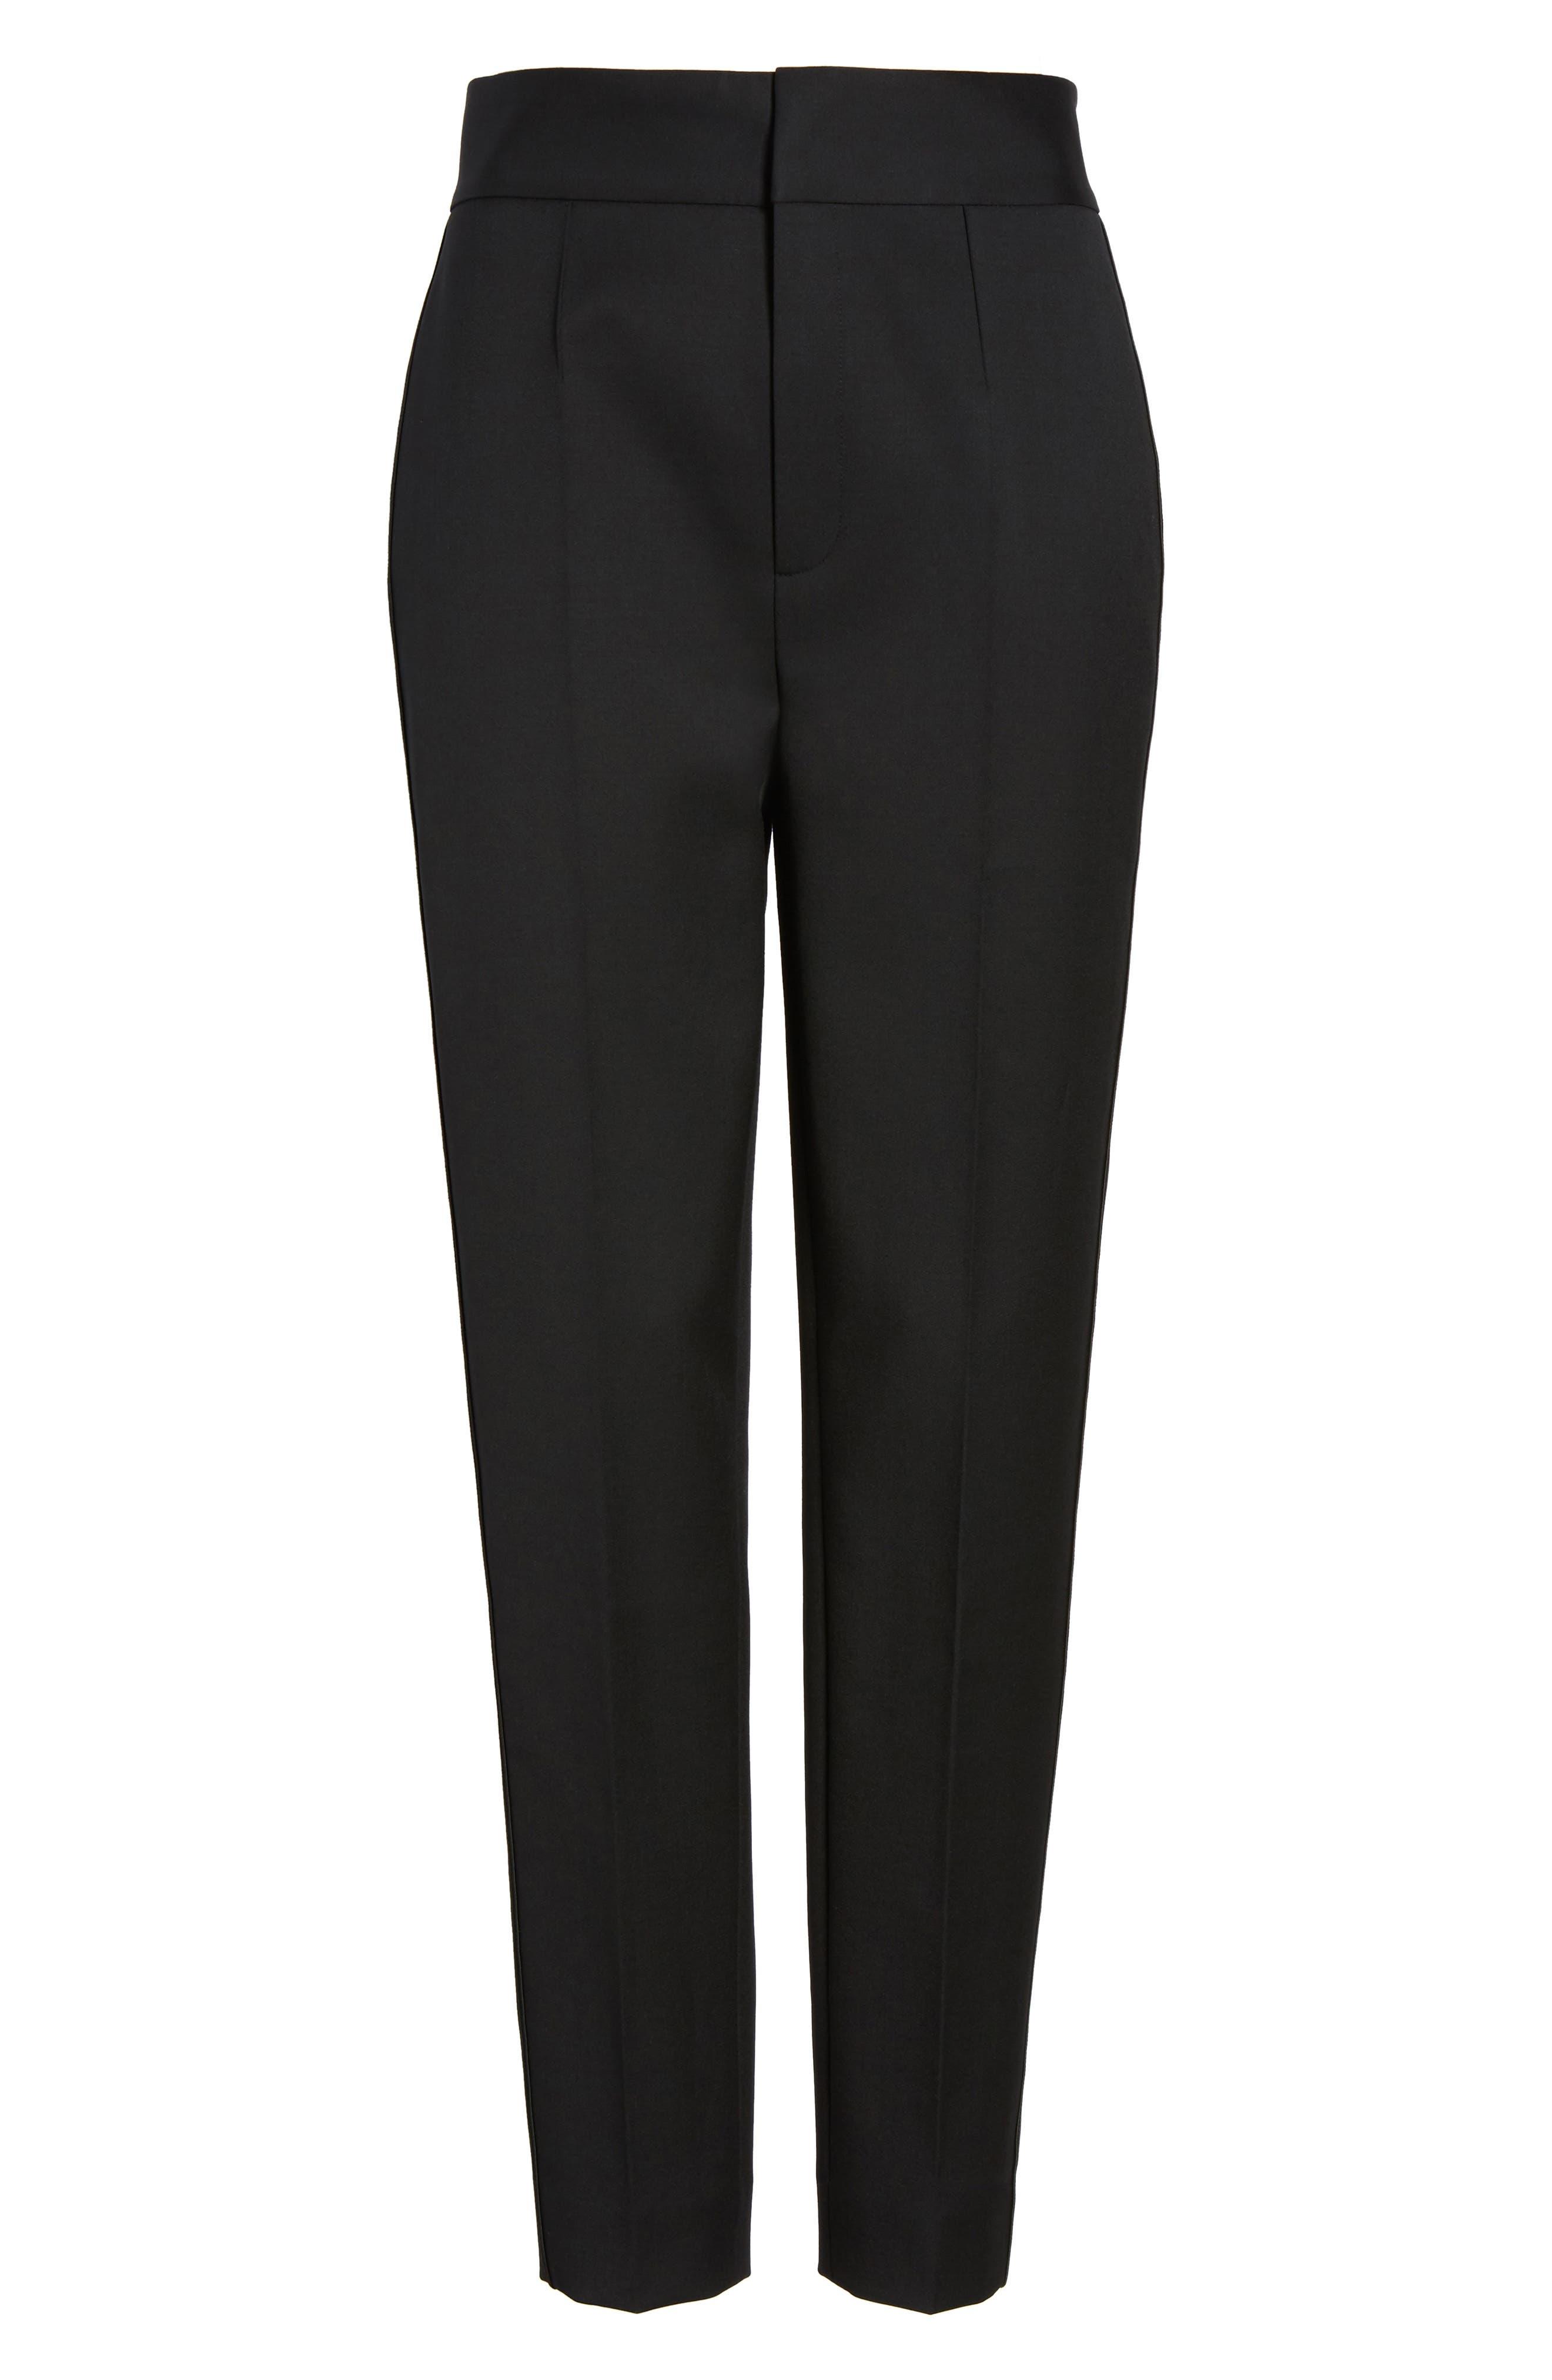 Tuxedo Detail Suit Trousers,                             Alternate thumbnail 6, color,                             001